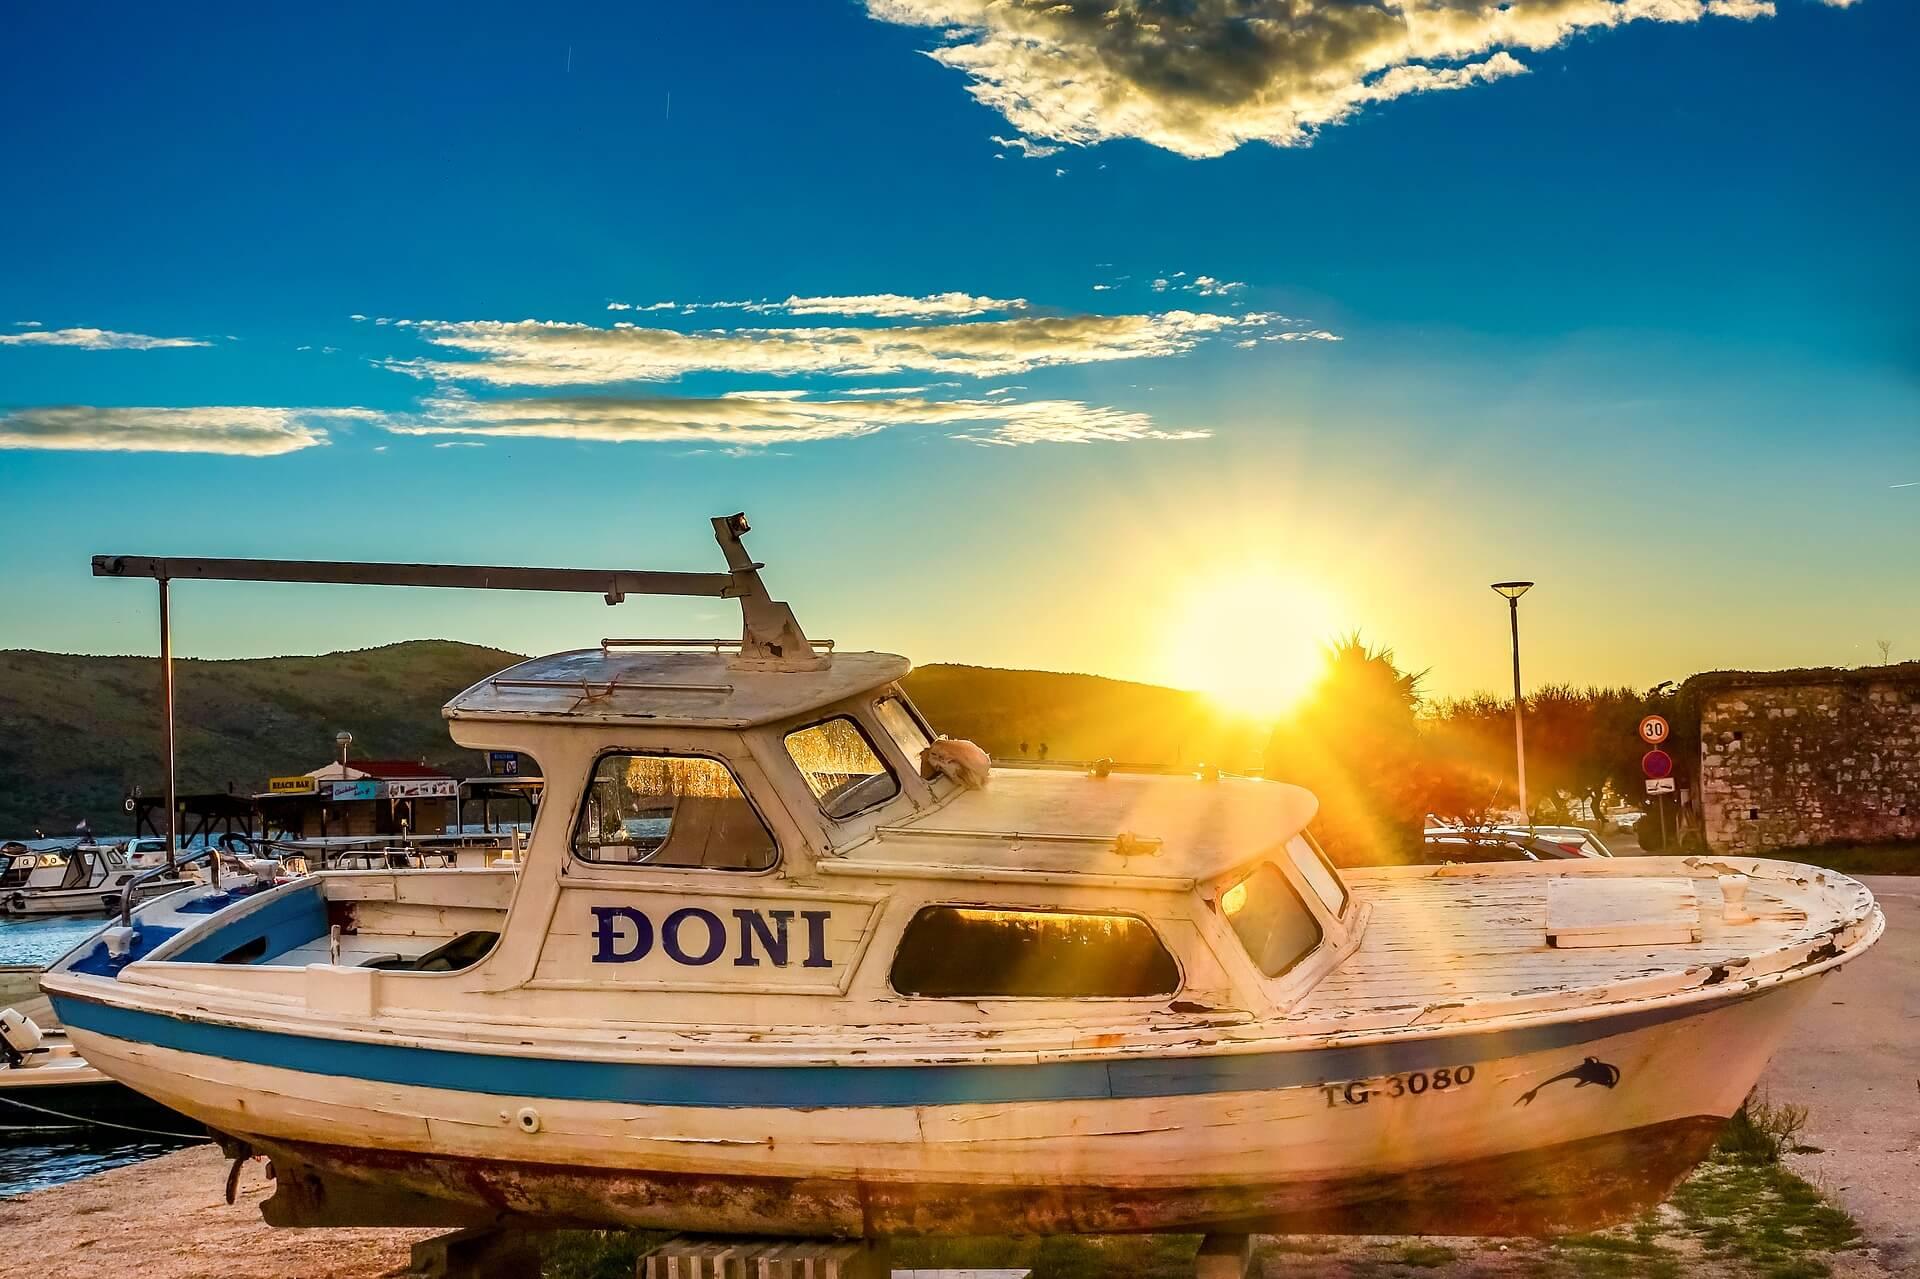 Die kroatischen Inseln 2019 – Urlaubsparadiese am Mittelmeer